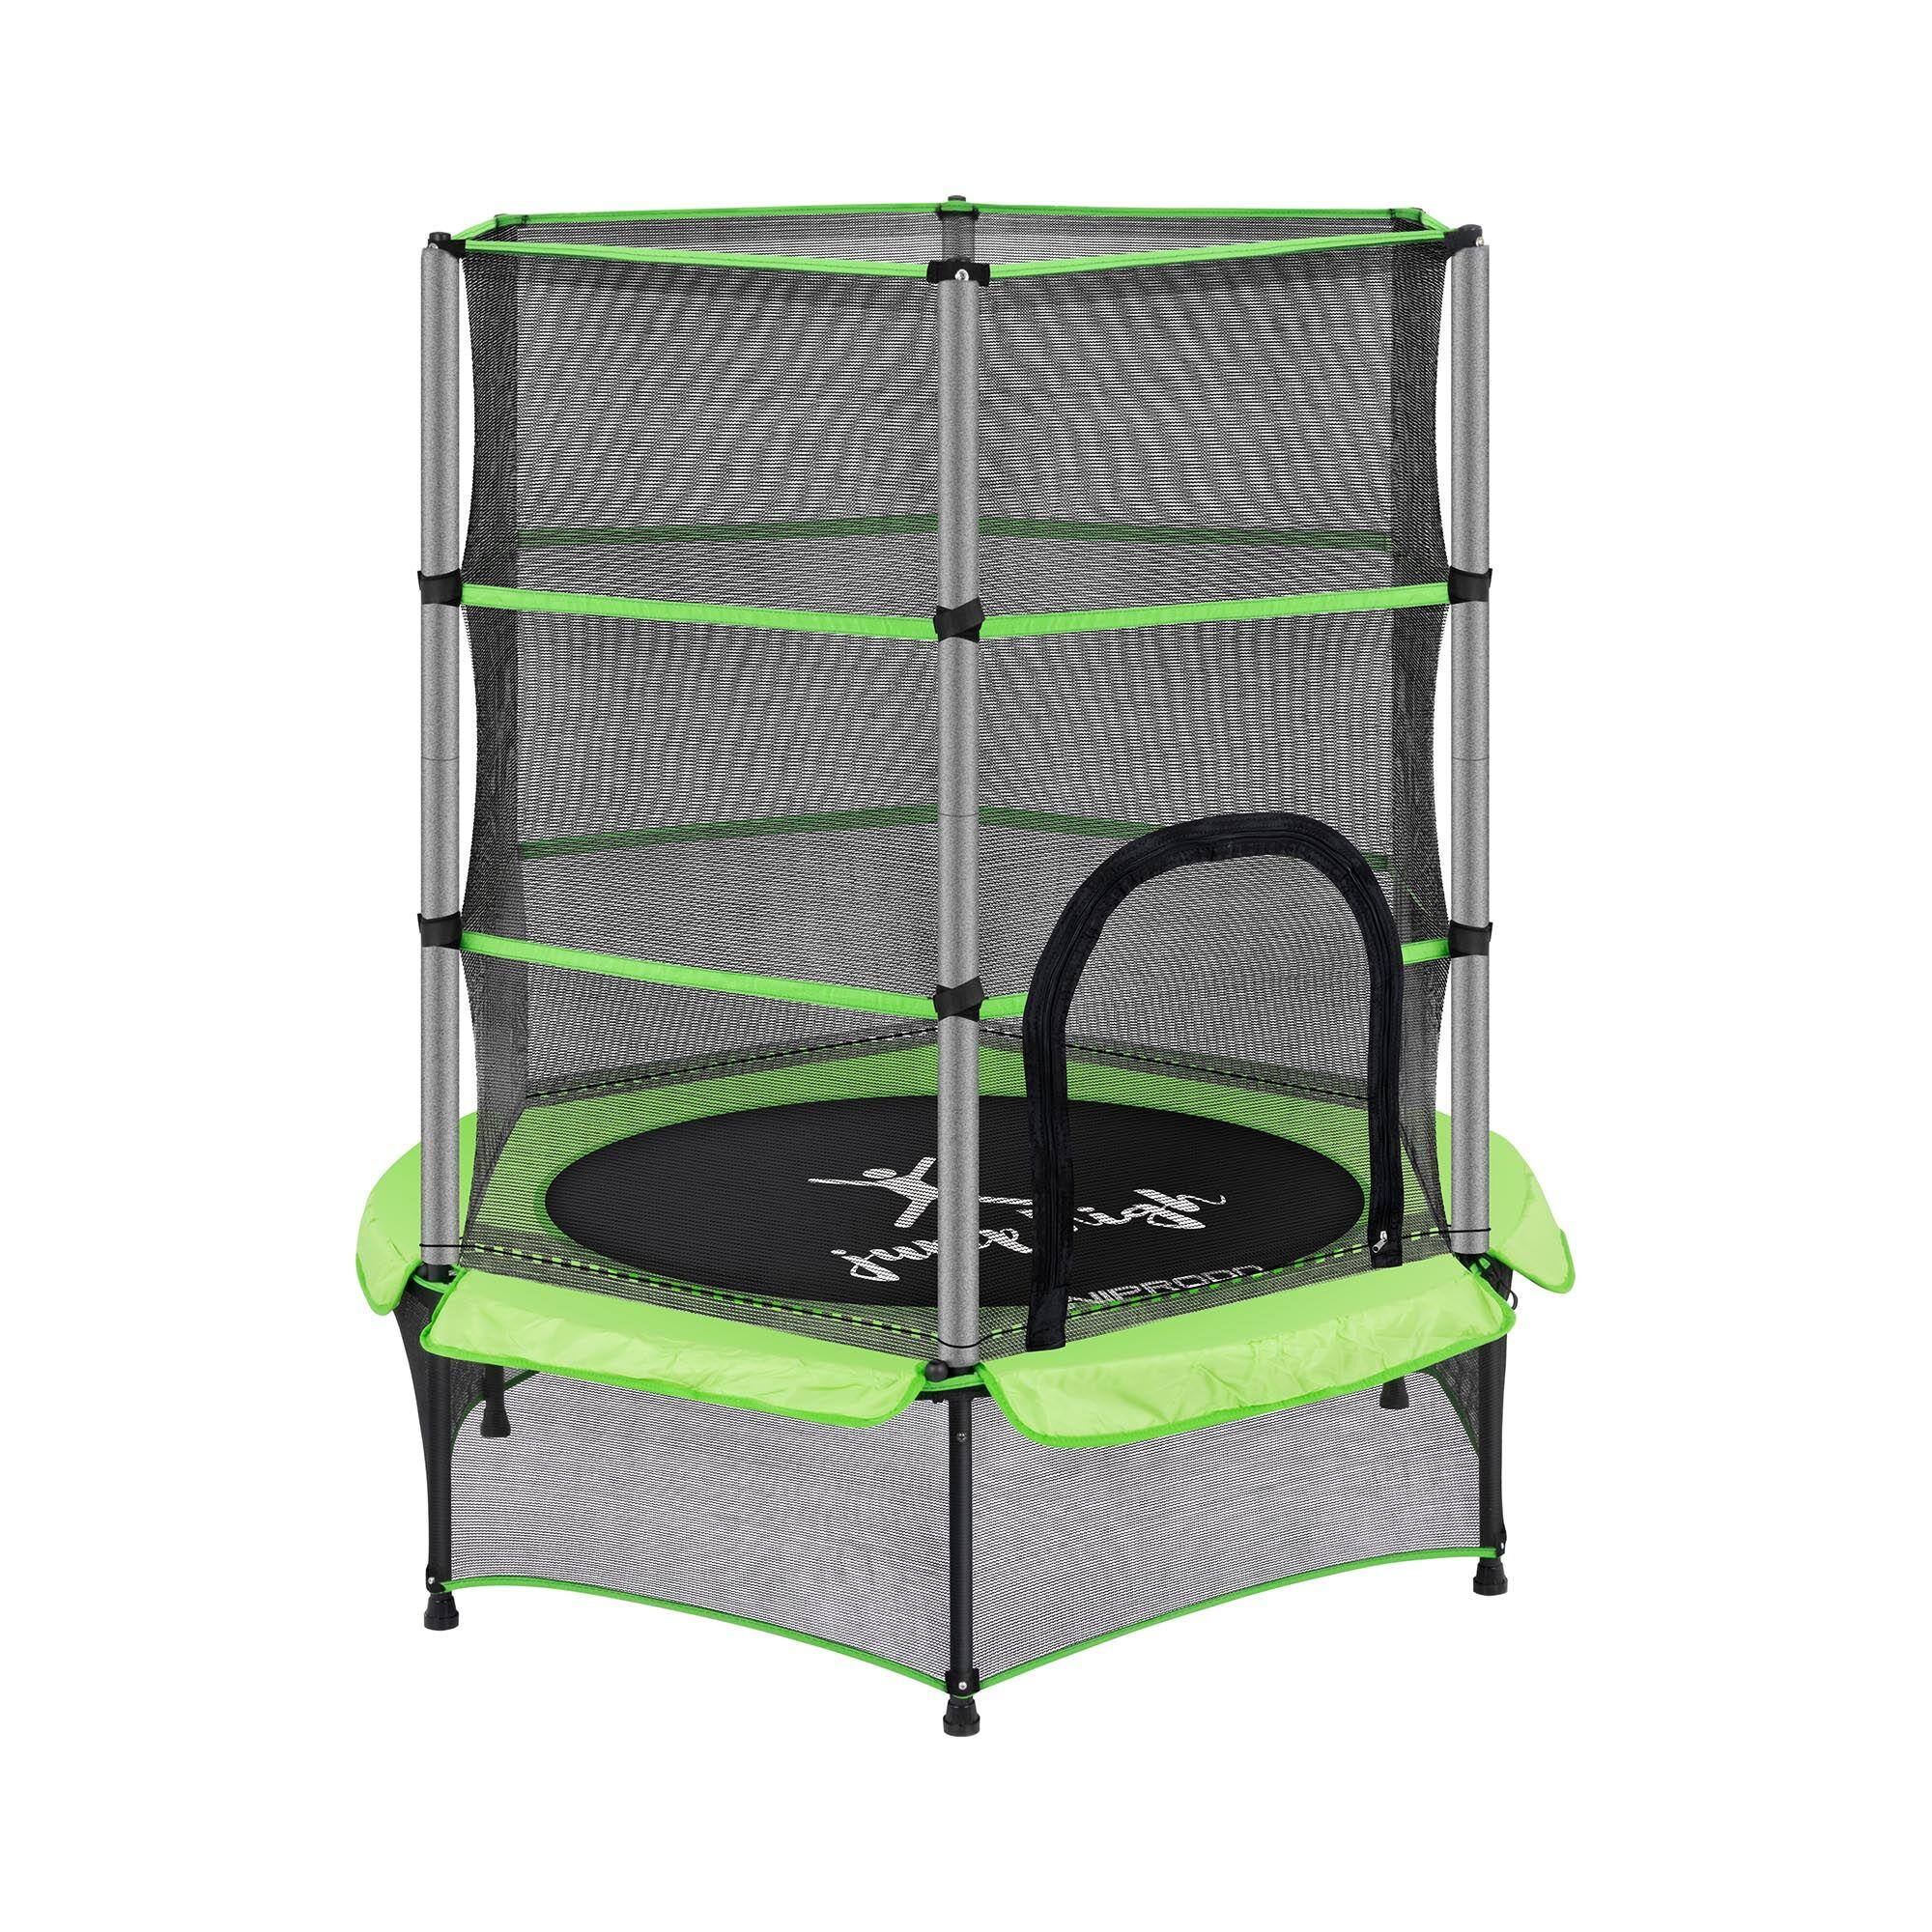 uniprodo tappeto elastico bambini - con rete di sicurezza - 140 cm - 50 kg - verde uni_trampoline_01